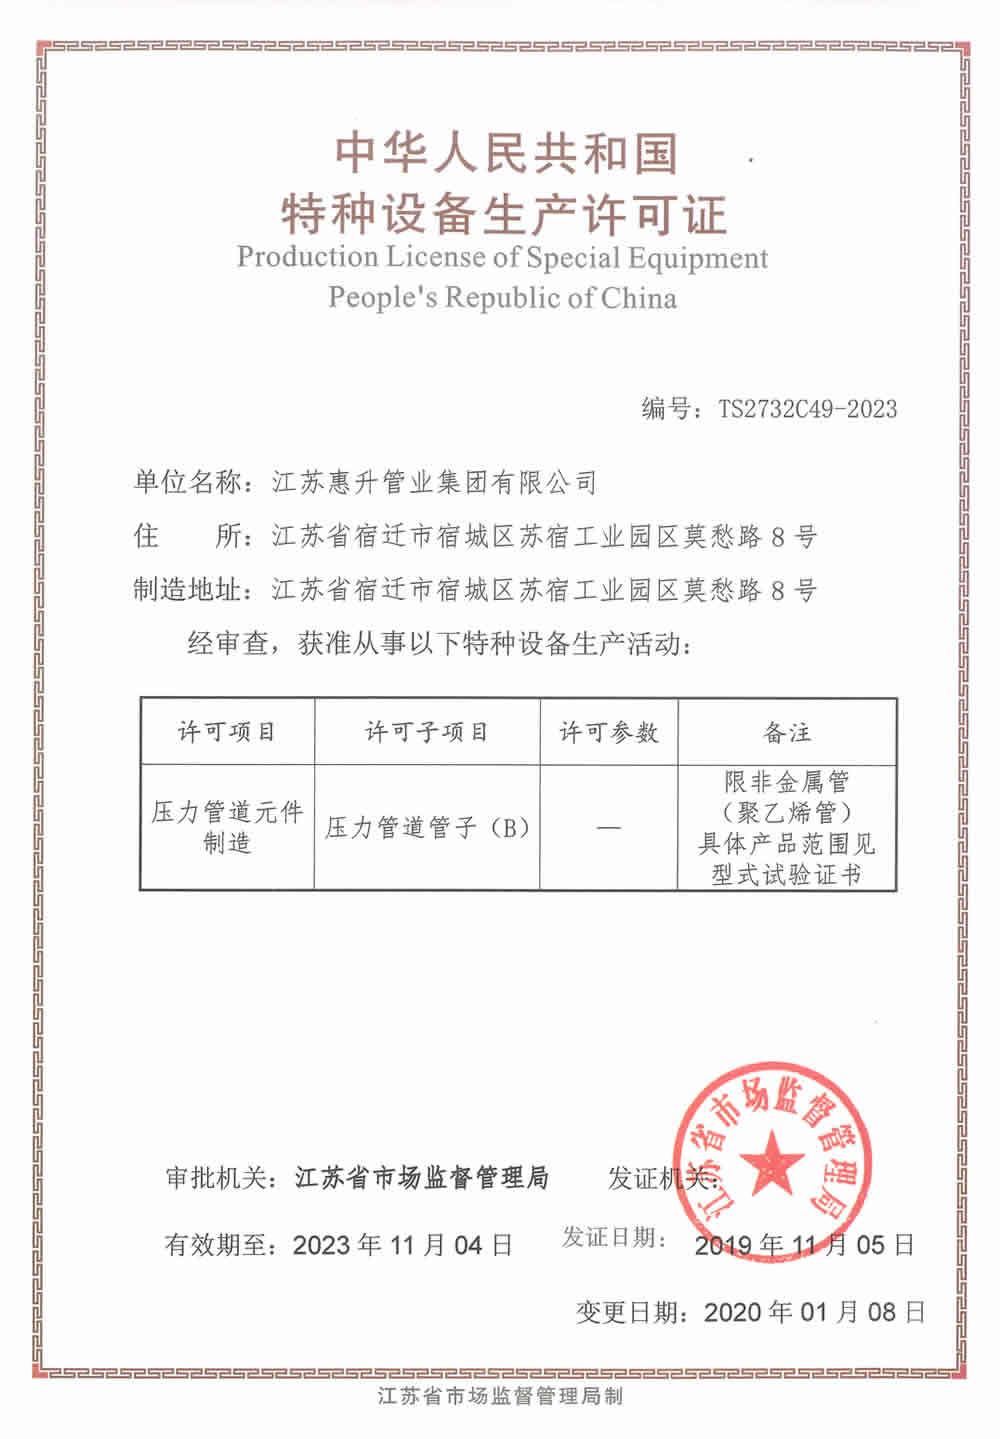 特种设备证书更改后证书